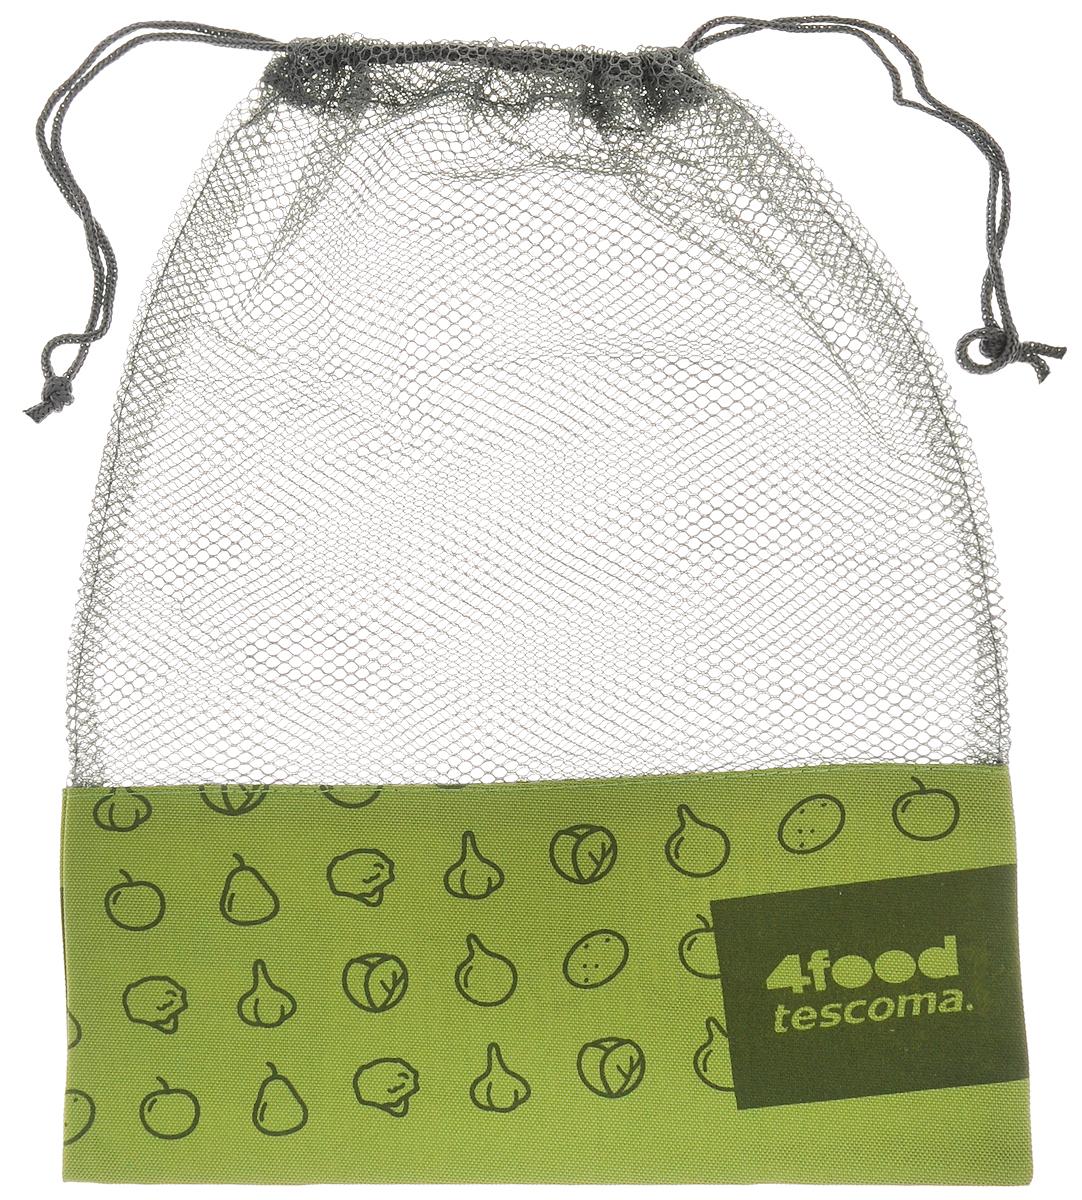 Сетка для хранения продуктов Tescoma 4Food, 38 х 28 см897184Вместительная сетка Tescoma 4Food, выполненная из непромокаемых материалов, отлично подойдет для хранения в холодильнике фруктов, овощей, орехов и других продуктов. Сетка способствует вентиляции и предотвратит образование плесени. Изделие закрывается на затягивающийся шнурок. Вместимость - 6 кг.